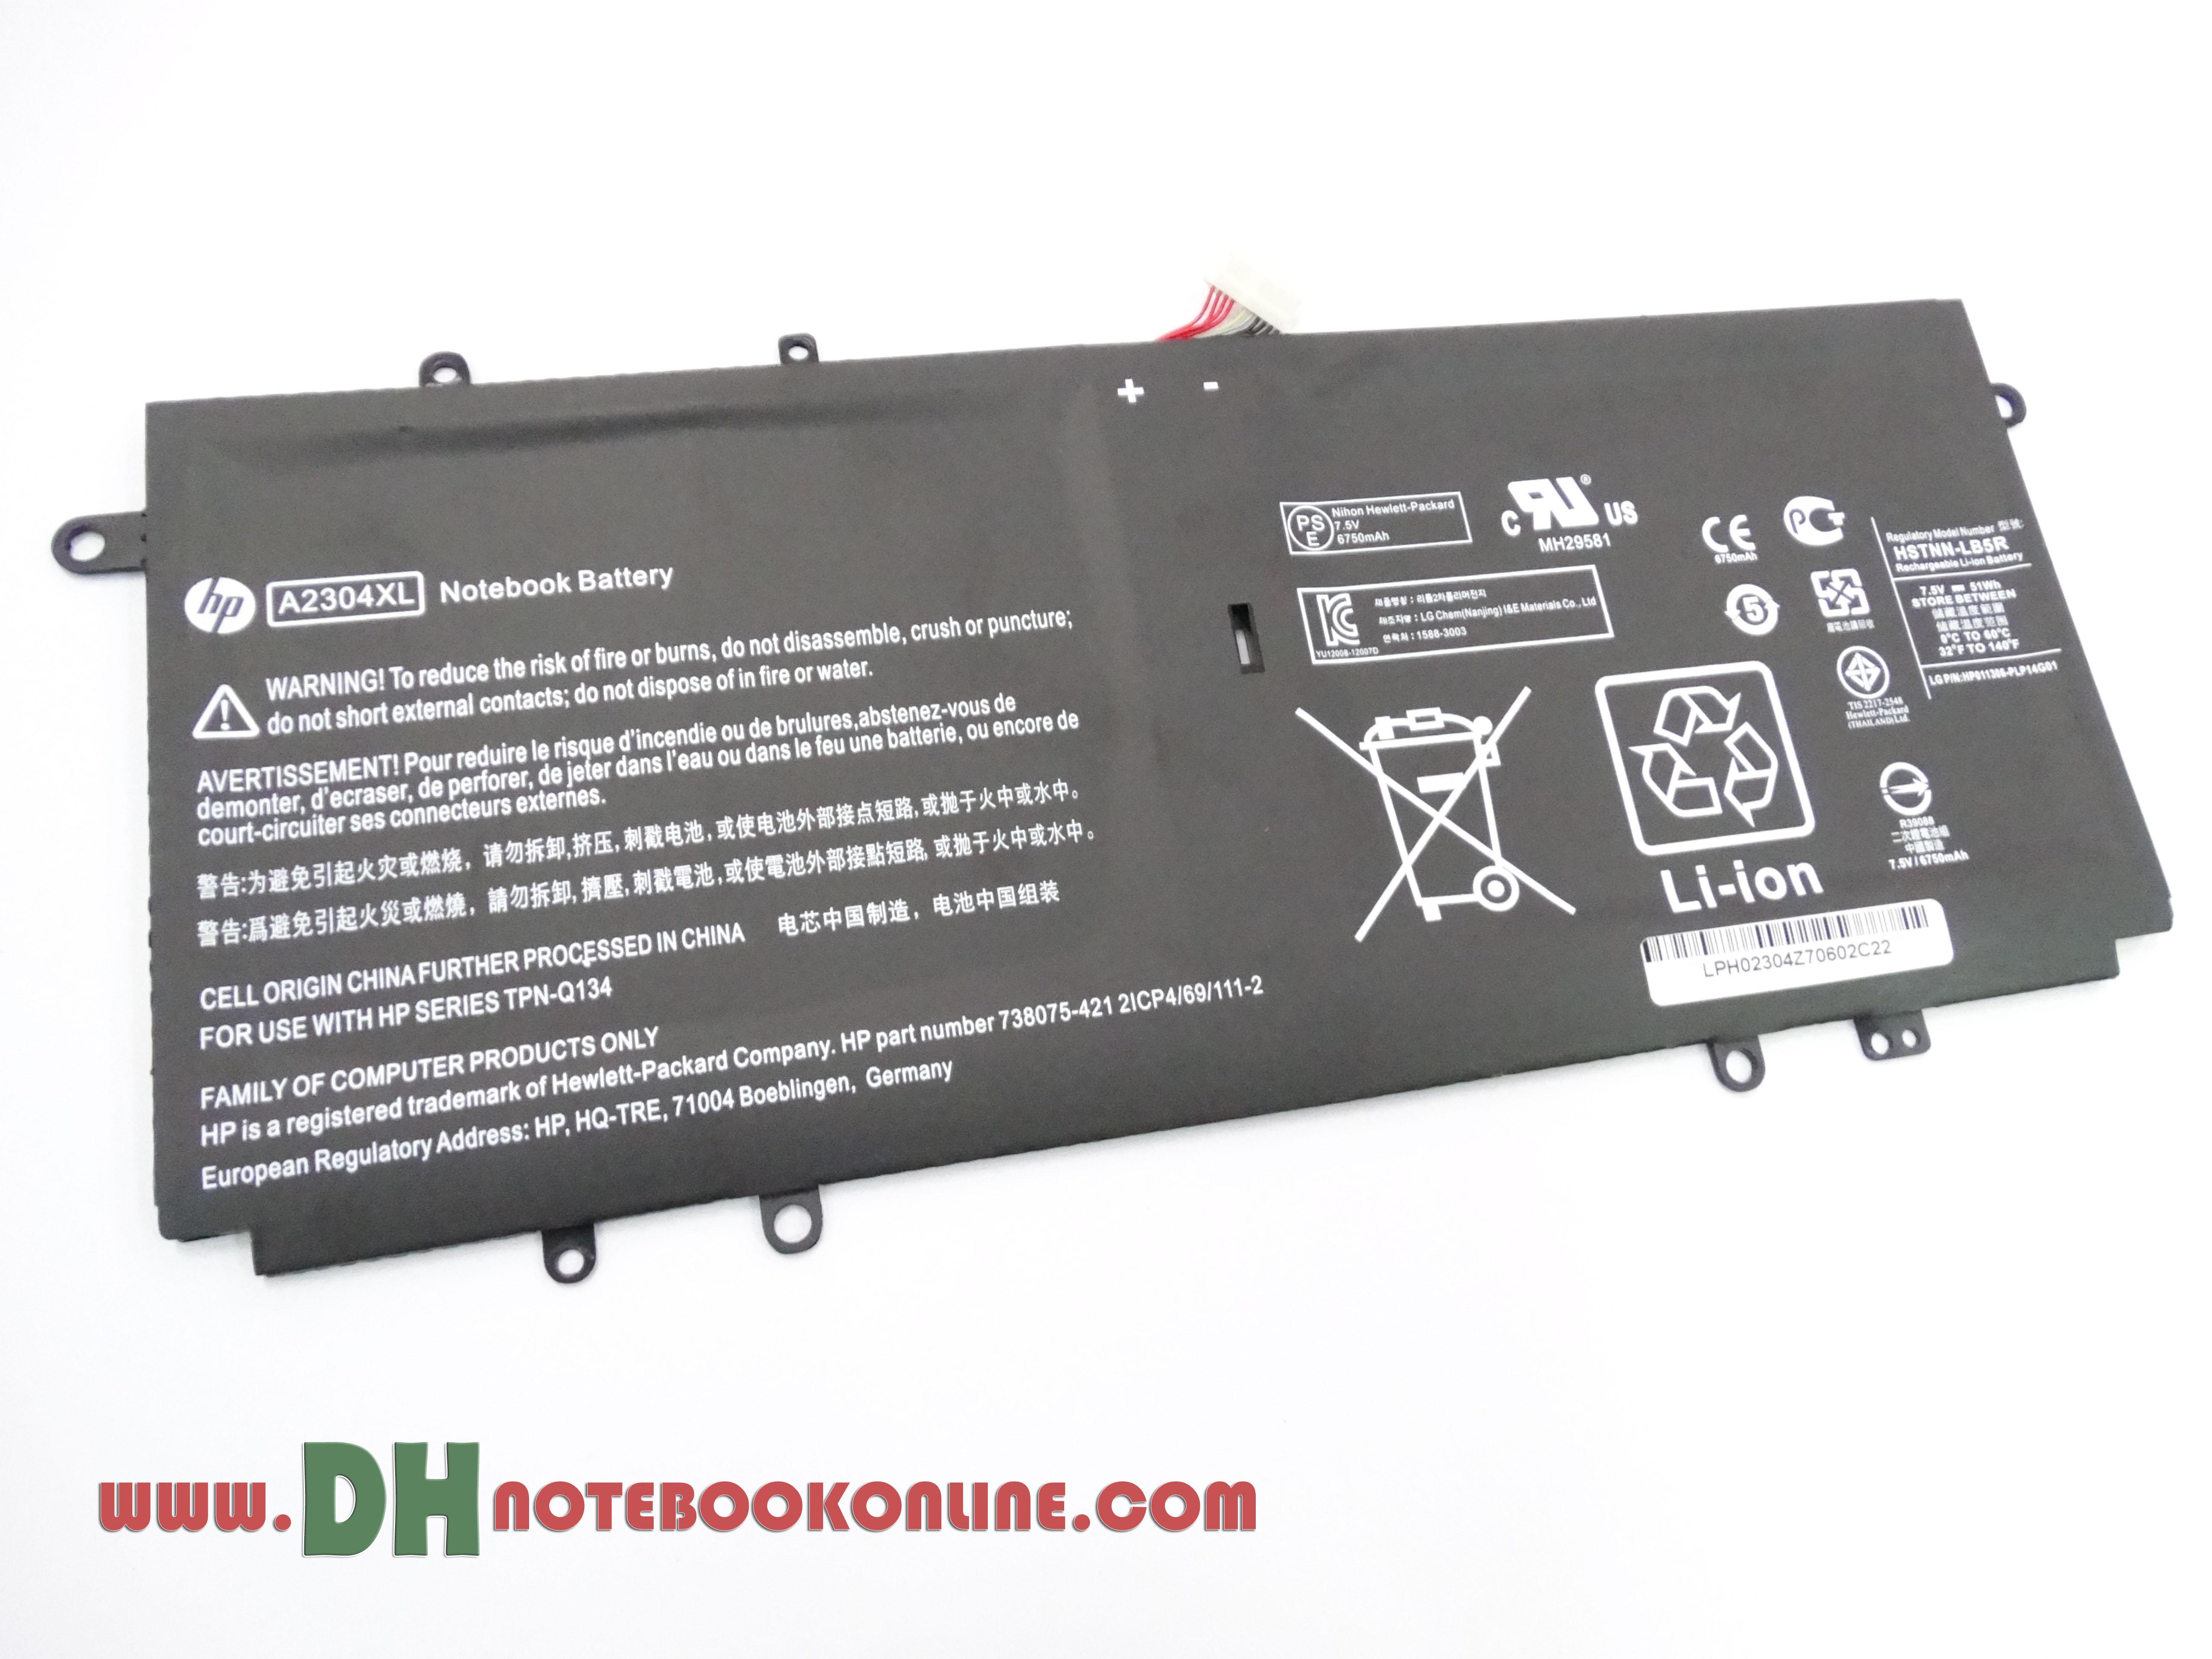 Battery Notebook HP A2304XL